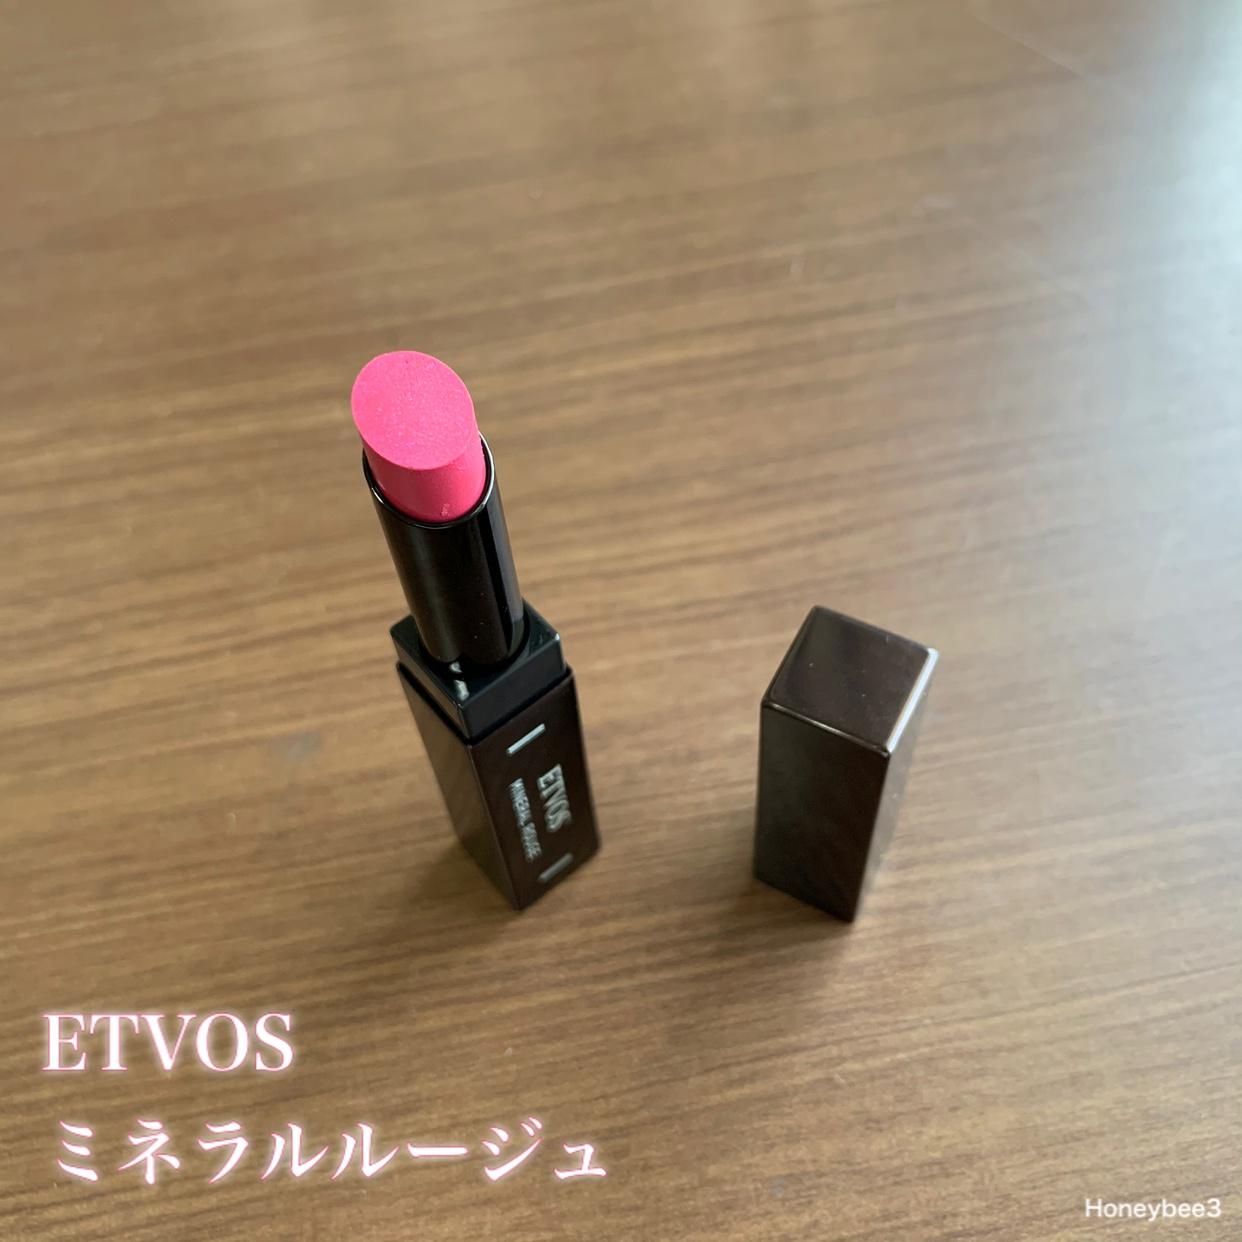 ETVOS(エトヴォス)ミネラルルージュを使ったみつばちさんのクチコミ画像